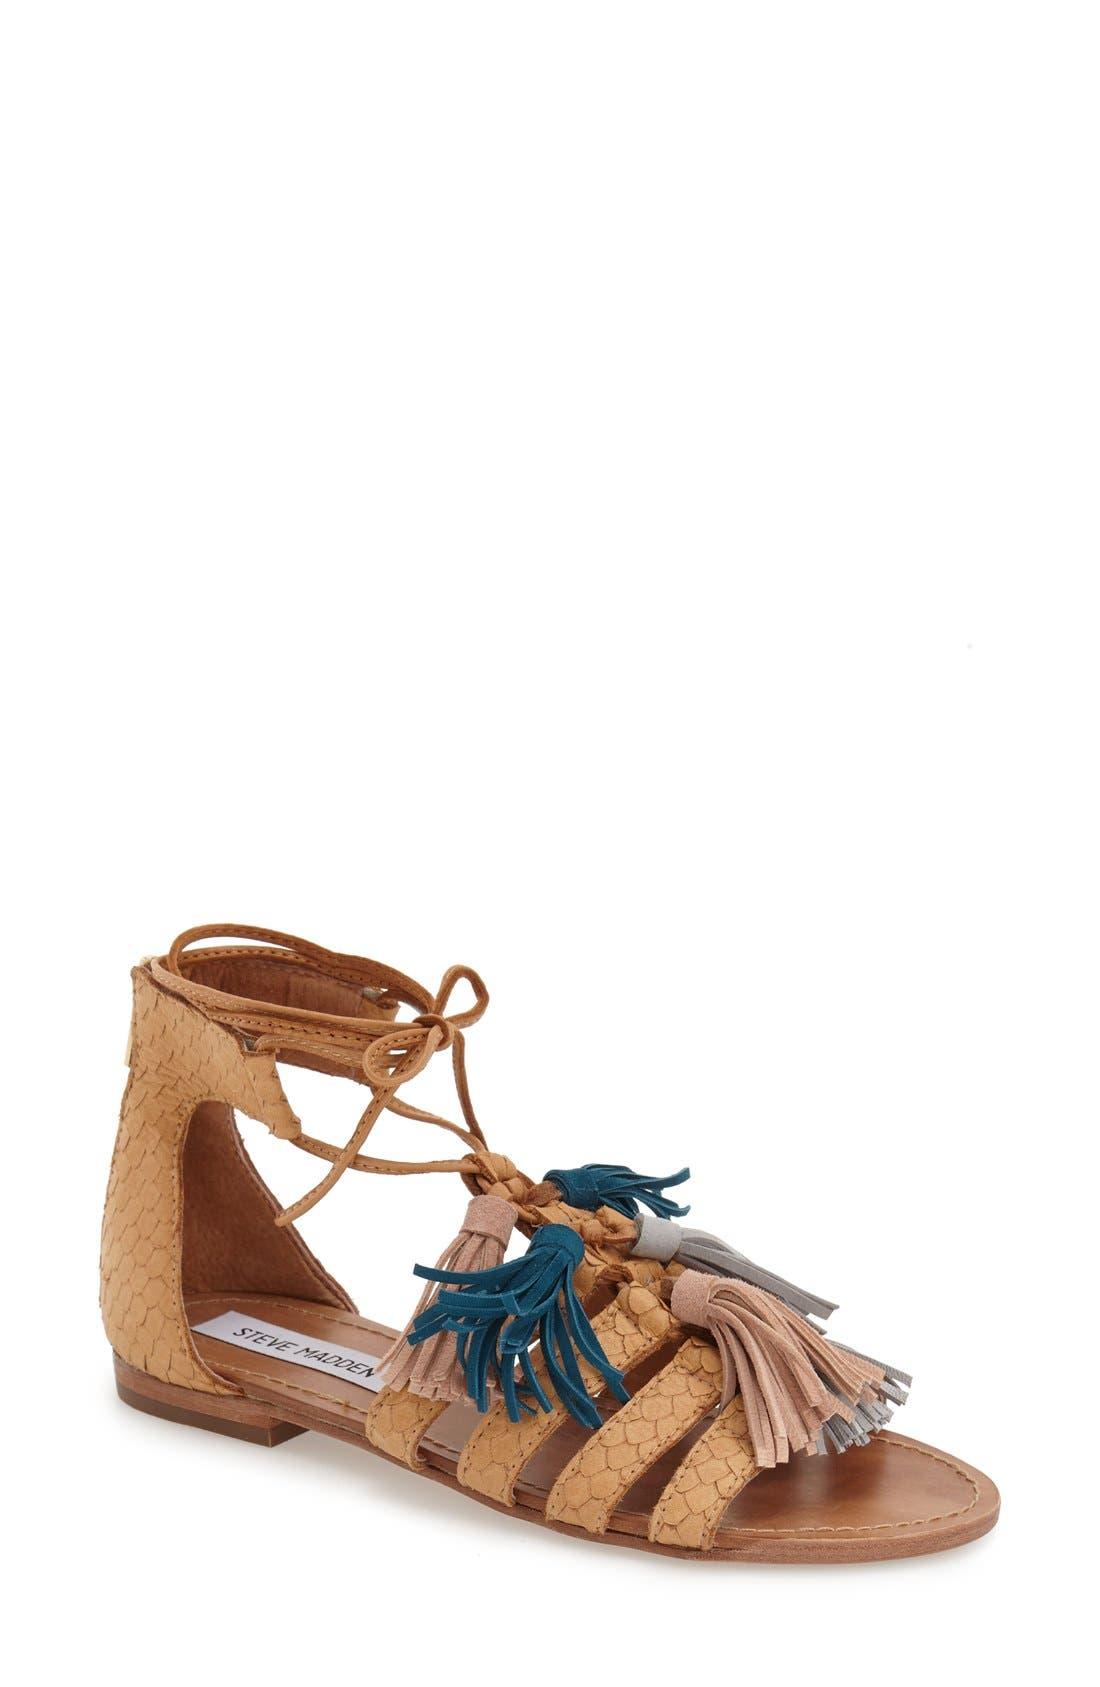 Main Image - Steve Madden 'Monrowe' Tassel Sandal ...